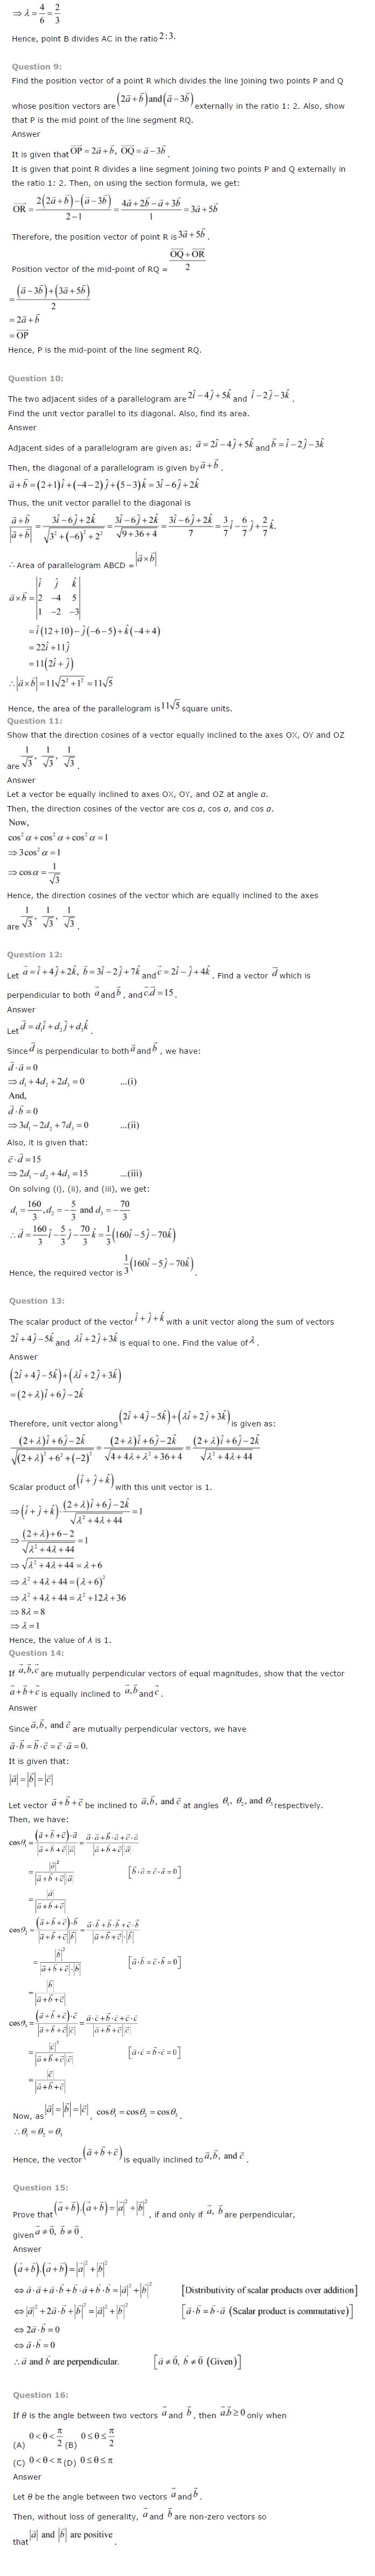 NCERT Solutions for Class 12 Maths Chapter 10 Vector Algebra ex10.7